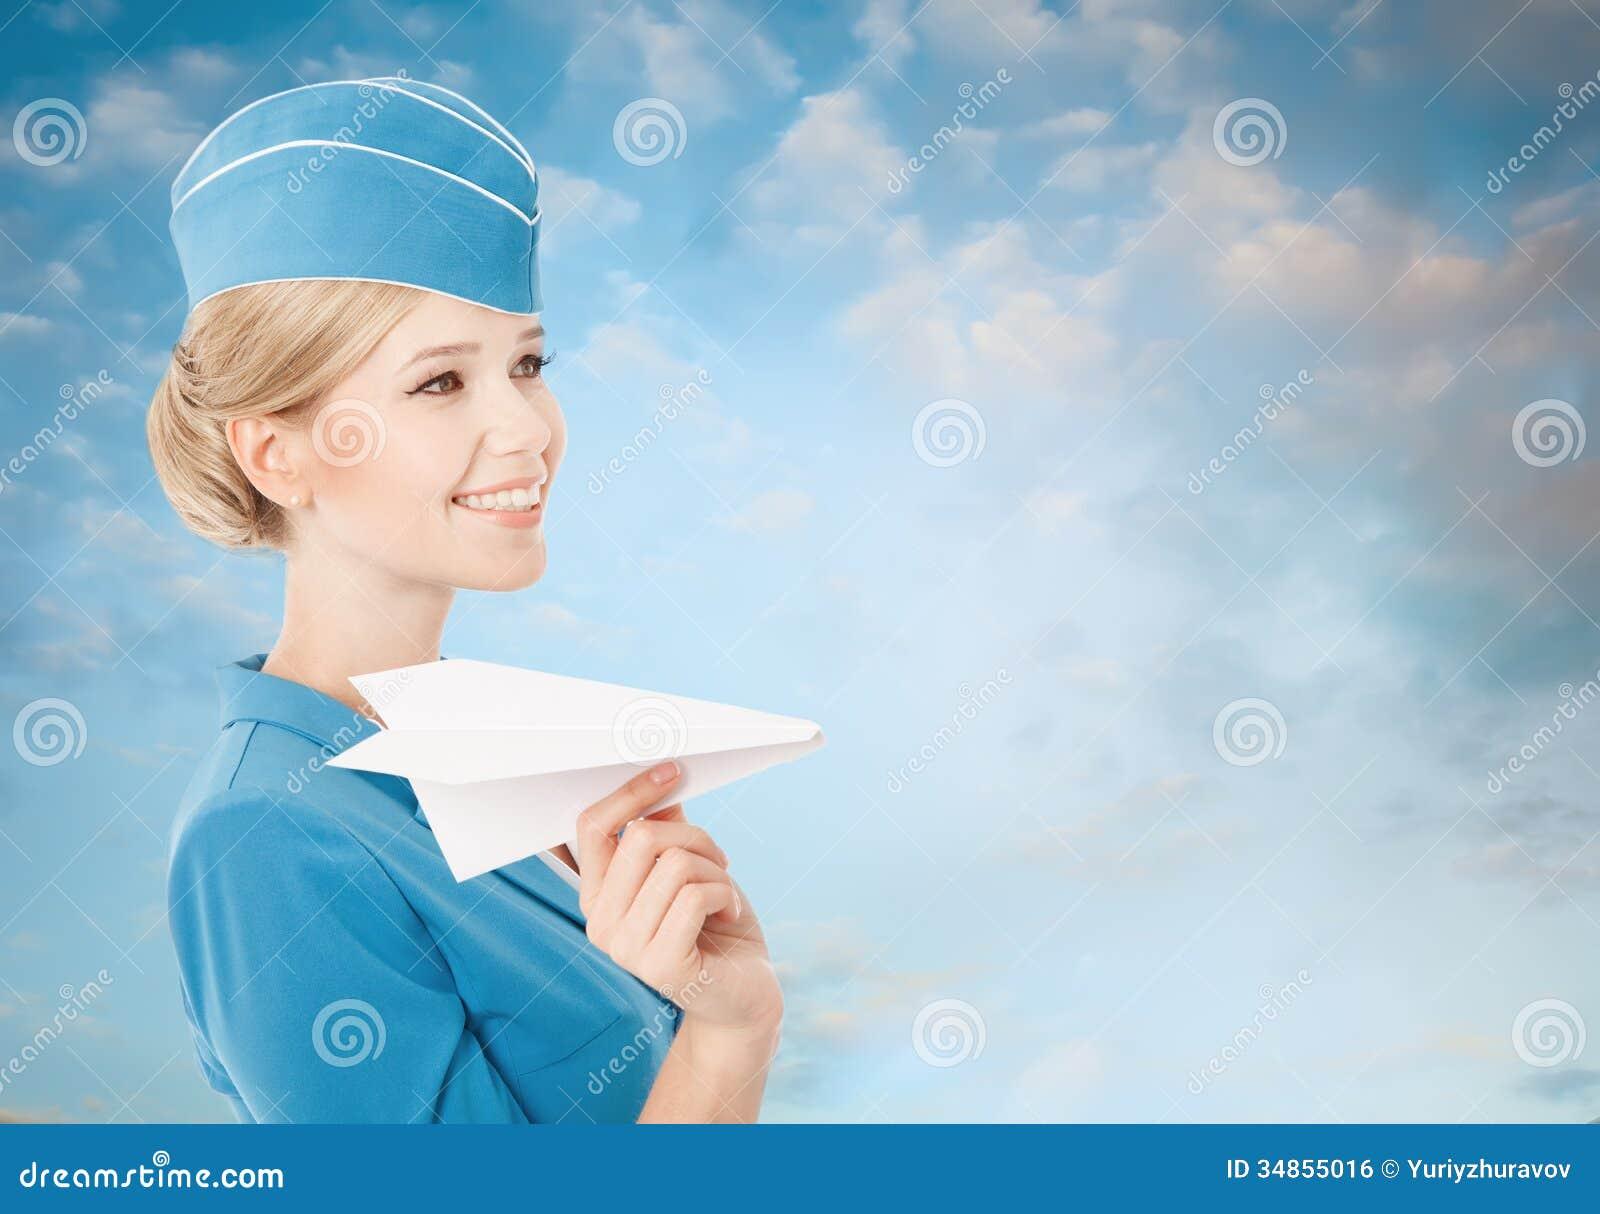 Очаровательный Stewardess держа самолет бумаги в руке. Голубое небо Backgr